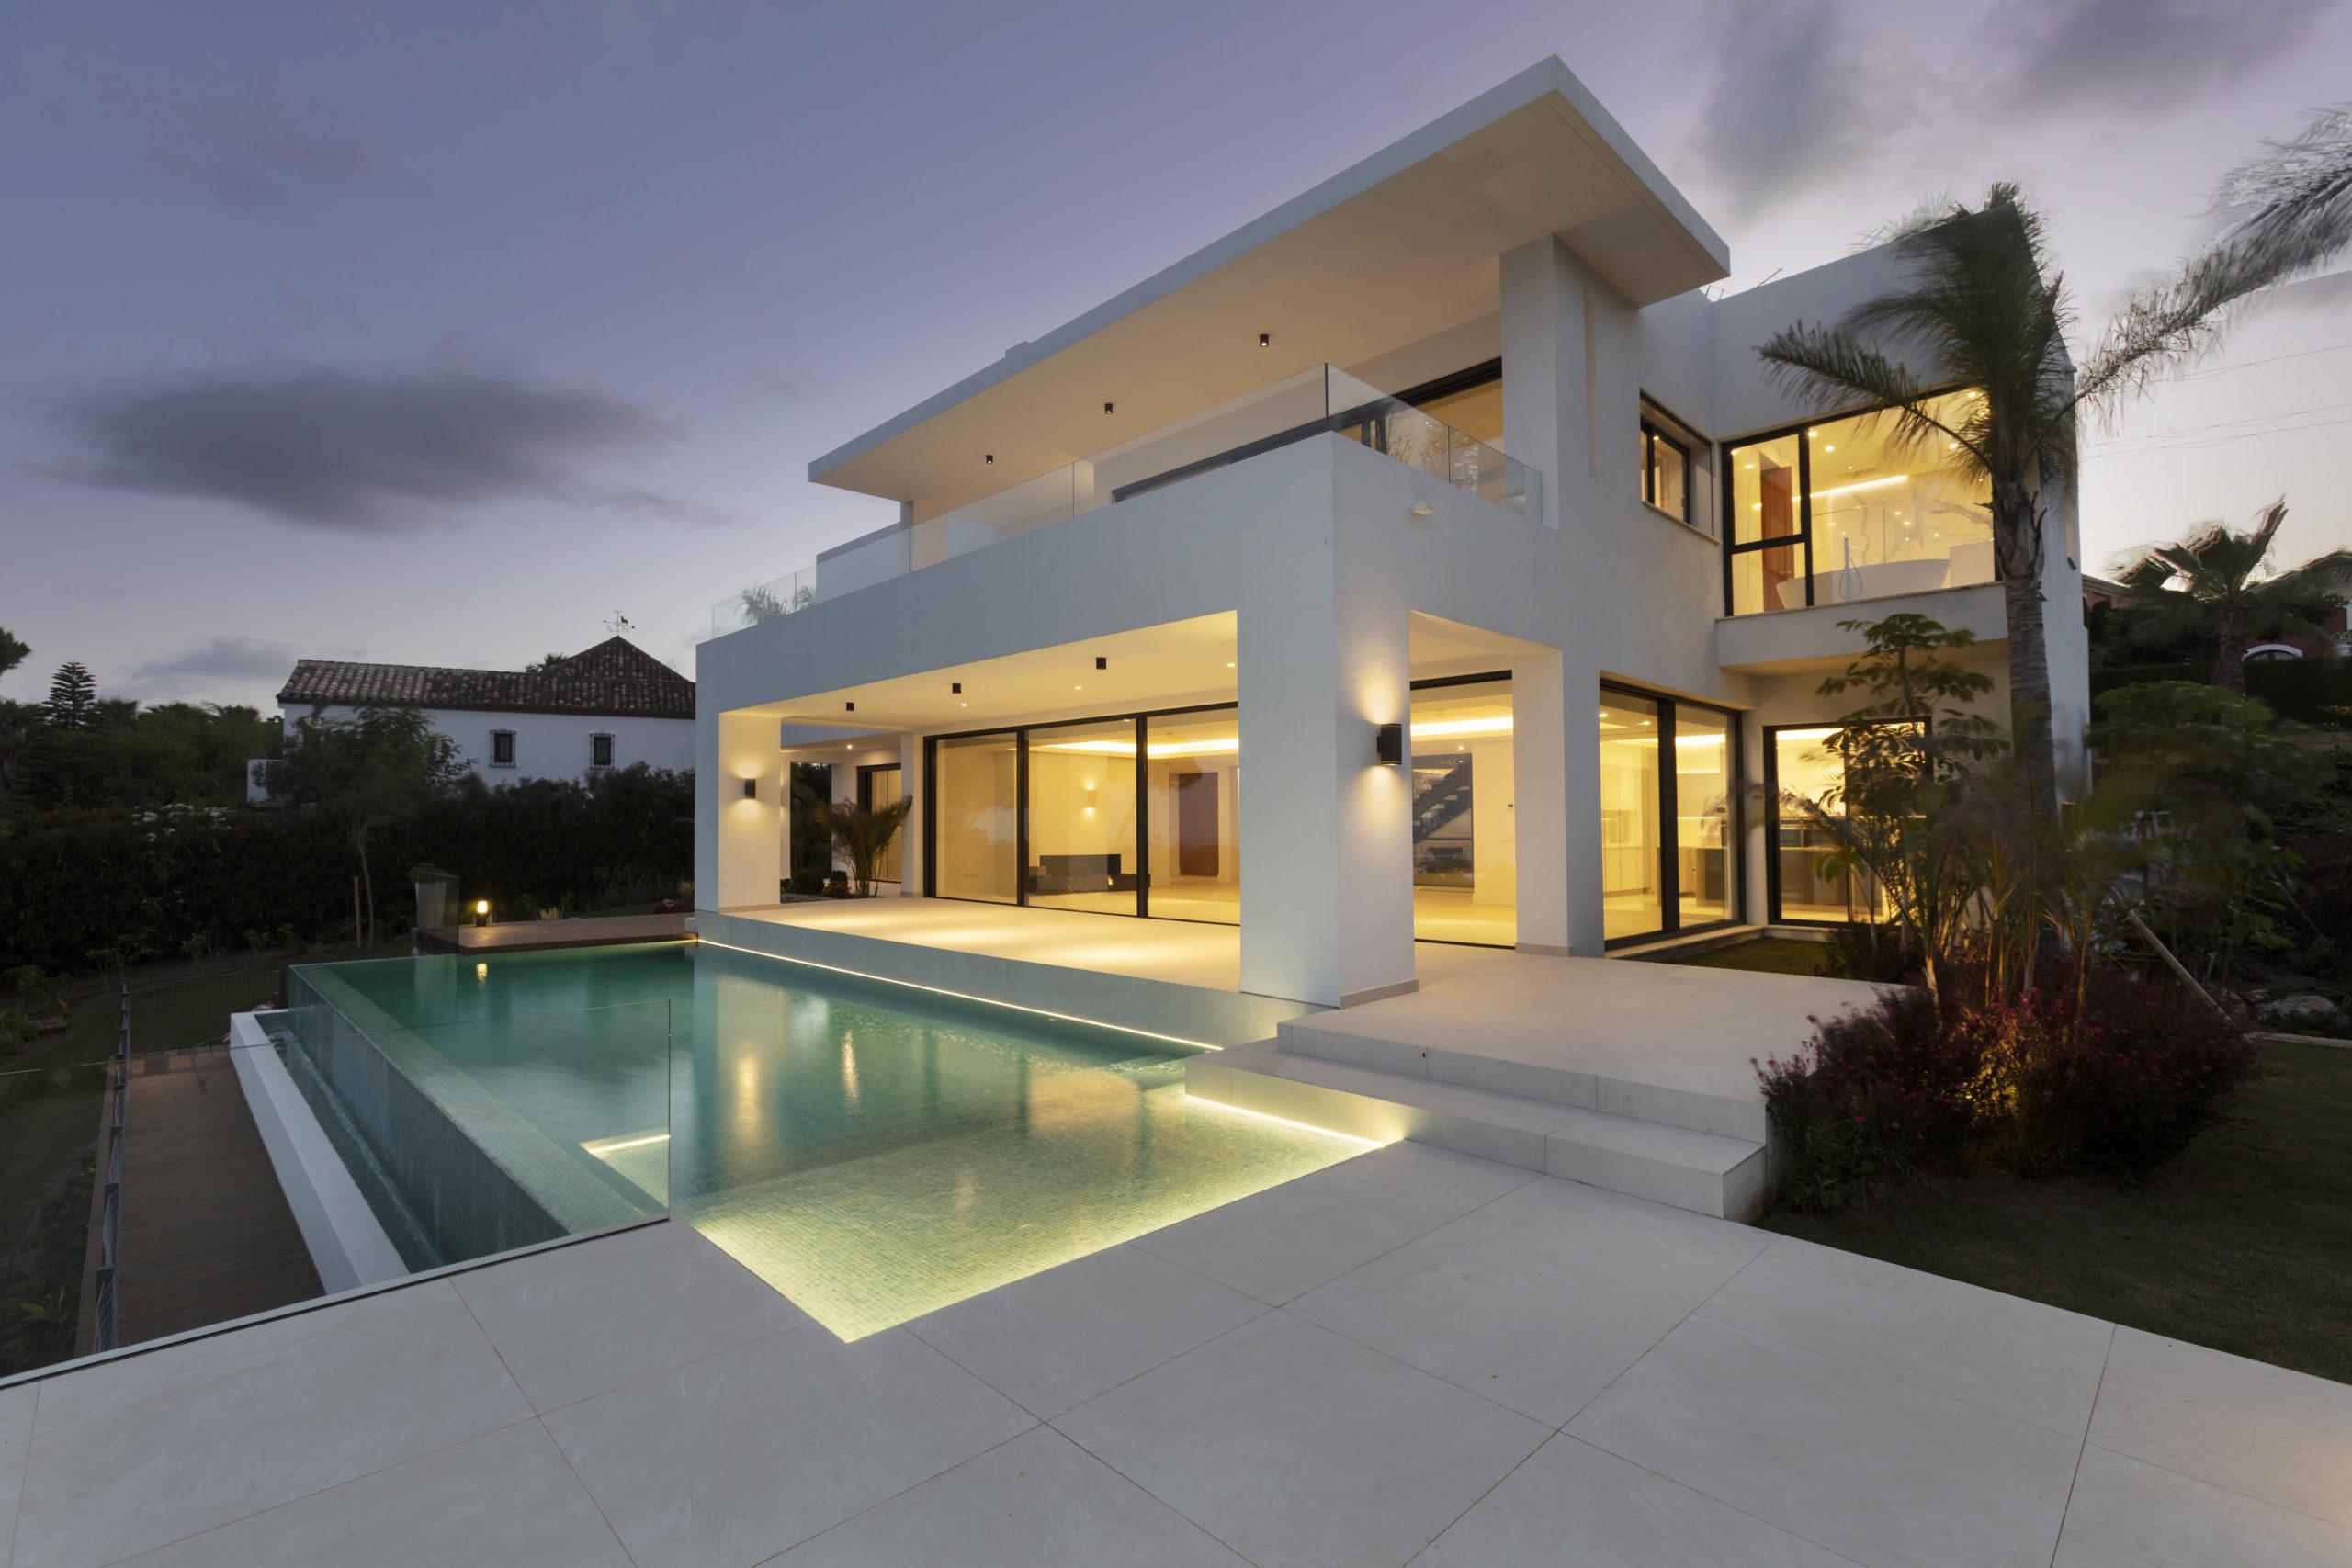 Stunning 4 bedroom villa for sale in Estespona